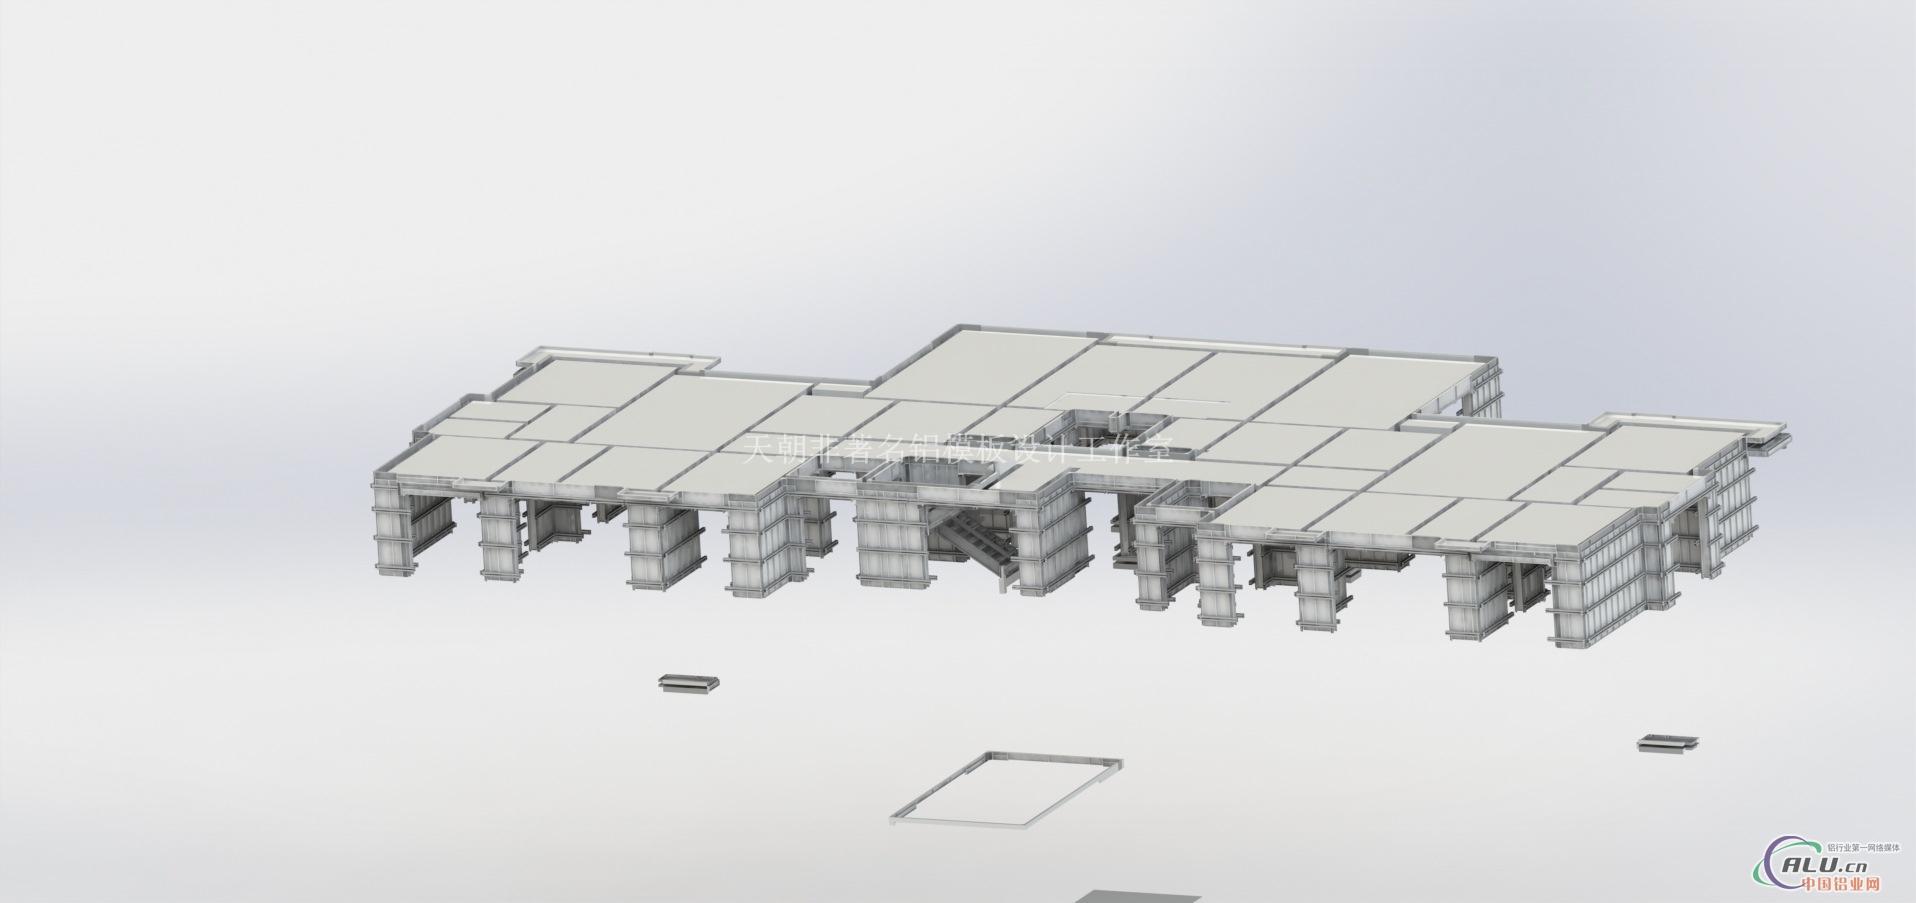 天朝非著名铝模板设计研究工作室 巧手绘蓝图 匠心铸大成 天朝非著名铝模板设计研究工作室是一家专注于建筑铝模板设计和技术支持的专业化工作室。本工作室秉承精准、经济、简易、高效的设计理念,为广大铝模板生产企业提供出色的设计方案和优质的技术支持。为客户节省铝模板产品的开发设计成本,提高生产效率,增强企业市场竞争力,帮助企业避免铝模板研发风险,加快研发速度,迅速提升产品品质,推动企业快速发展。 我们有最资深的铝模板设计师团队 本工作室设计师均曾任职于大型铝模板生产企业,在首席设计师职位上拥有良好的口碑和优秀的设计